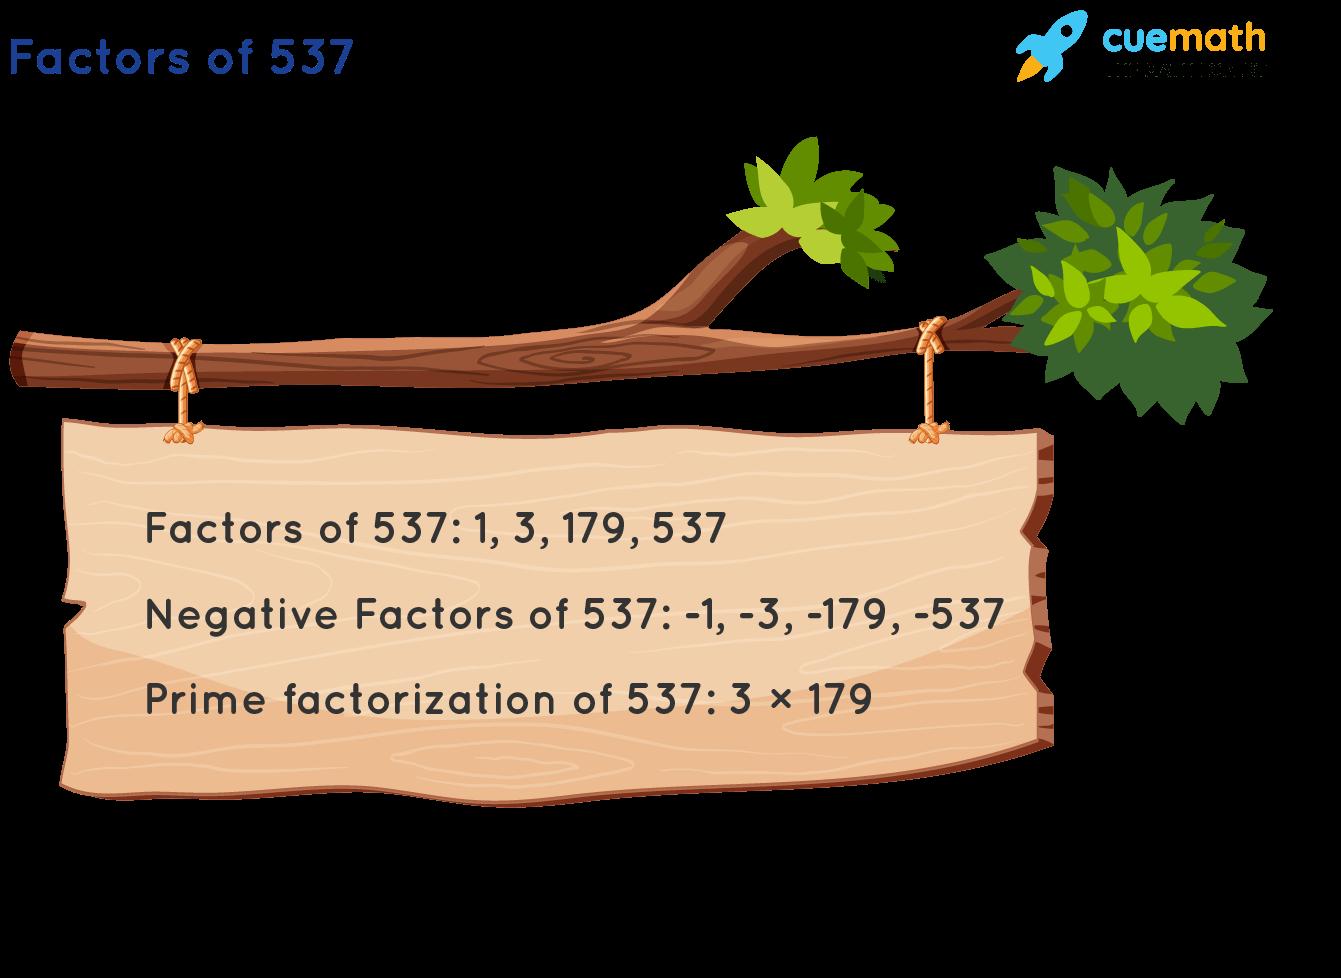 Factors of 537